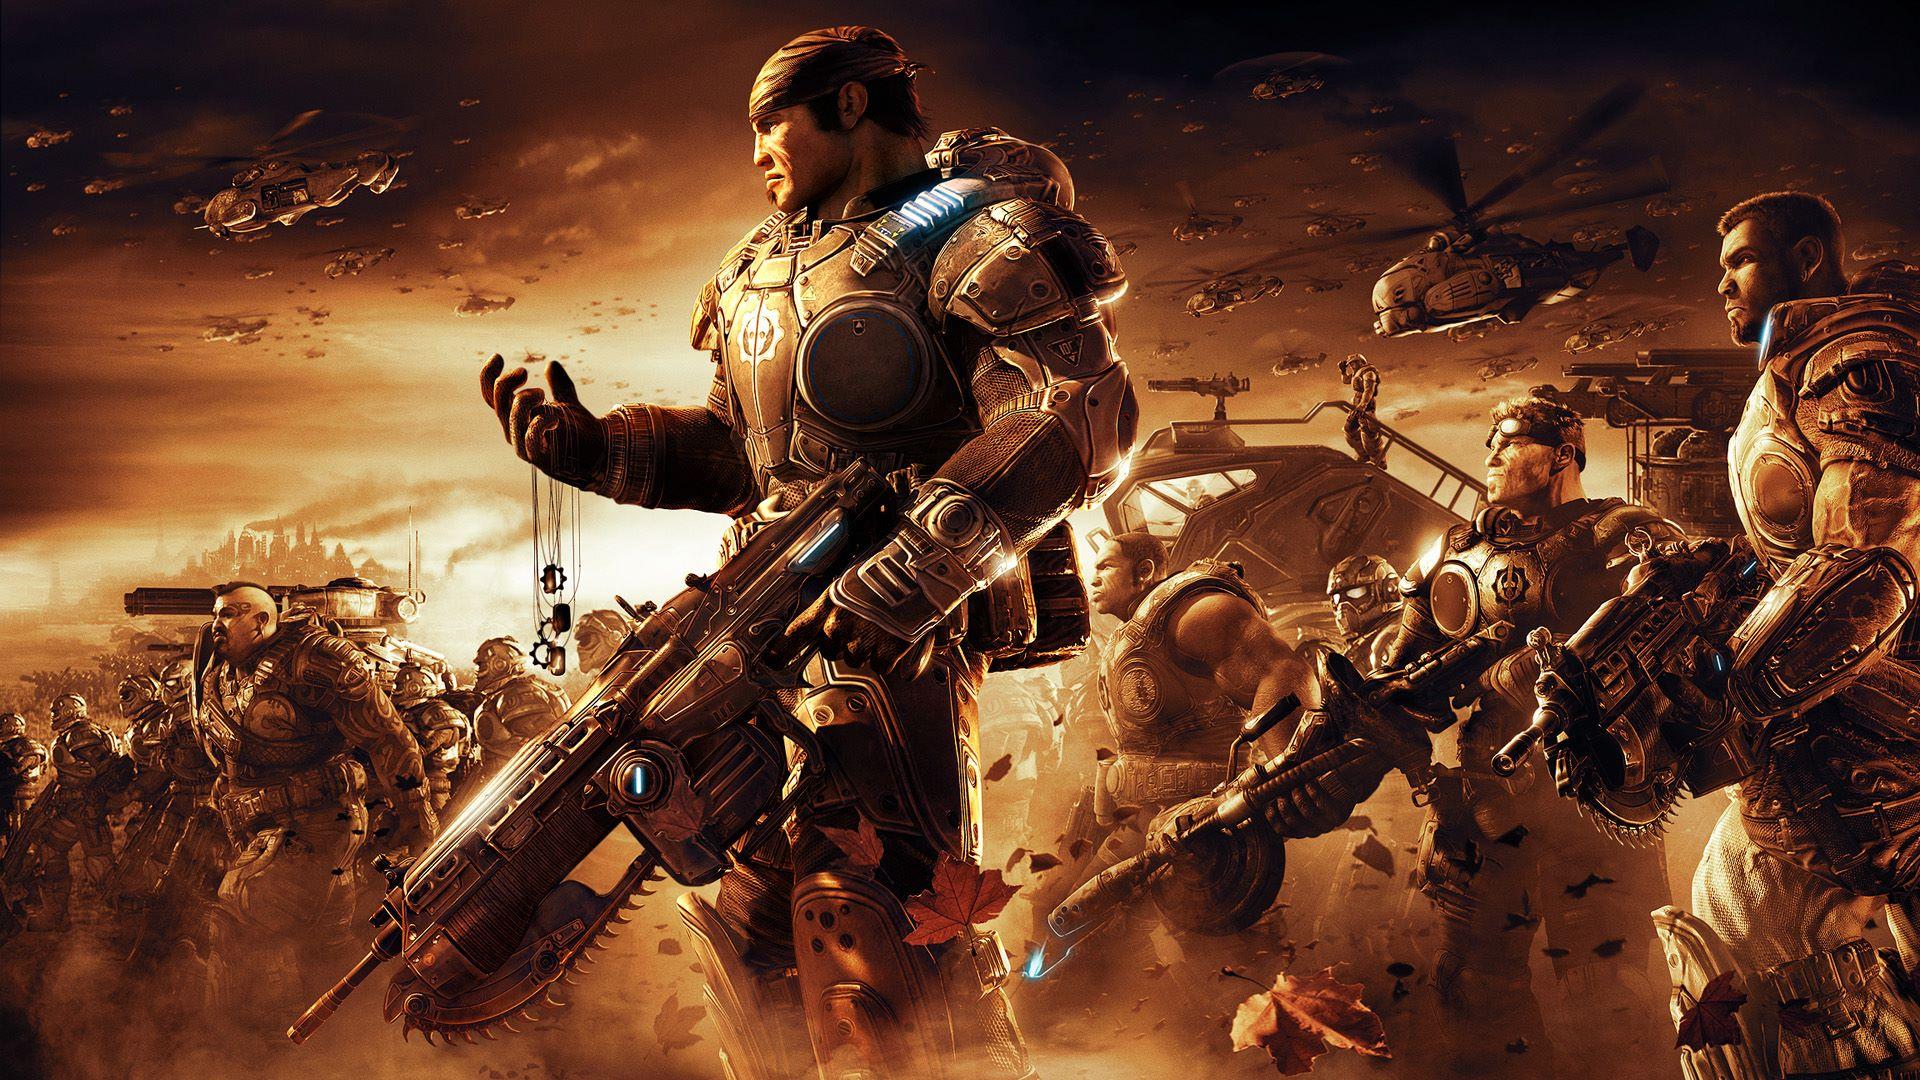 gears of war xbox 360 torrent download